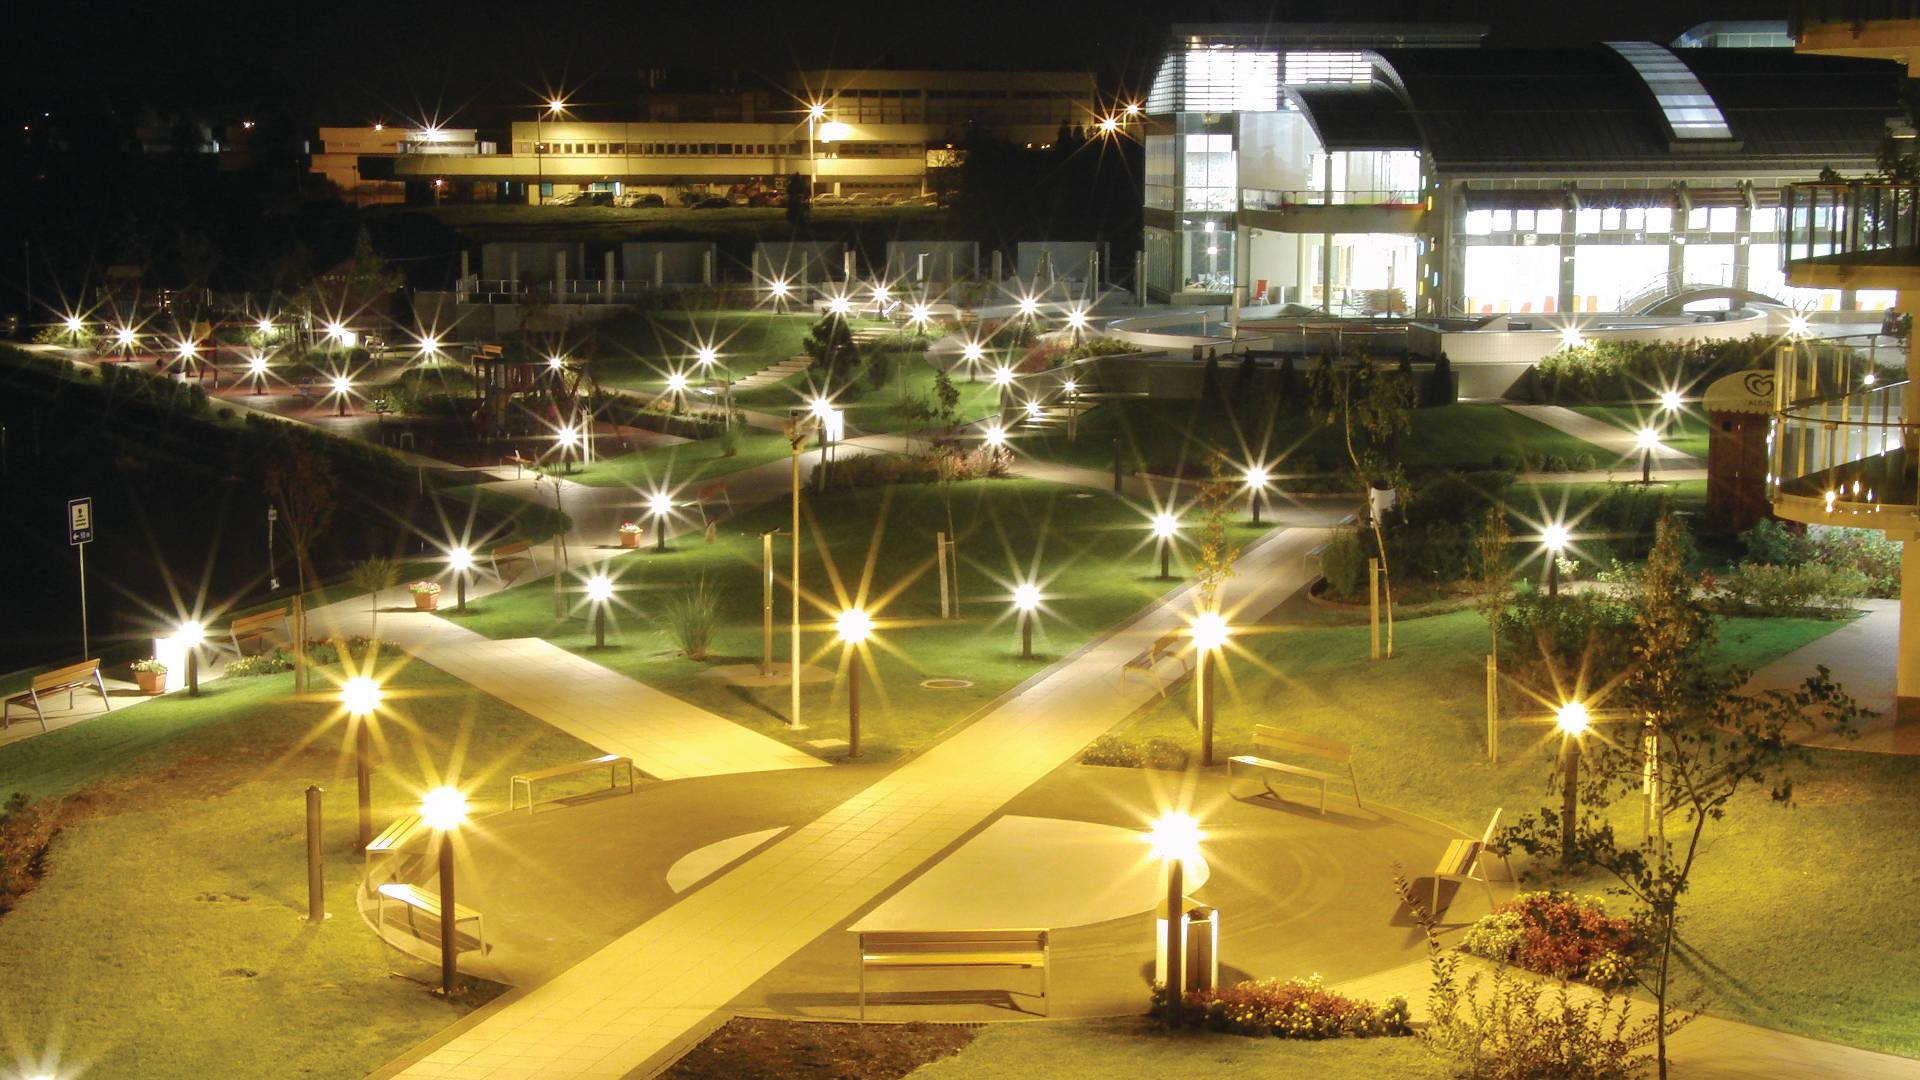 Velence Resort & Spa - Szálloda kertje éjjel